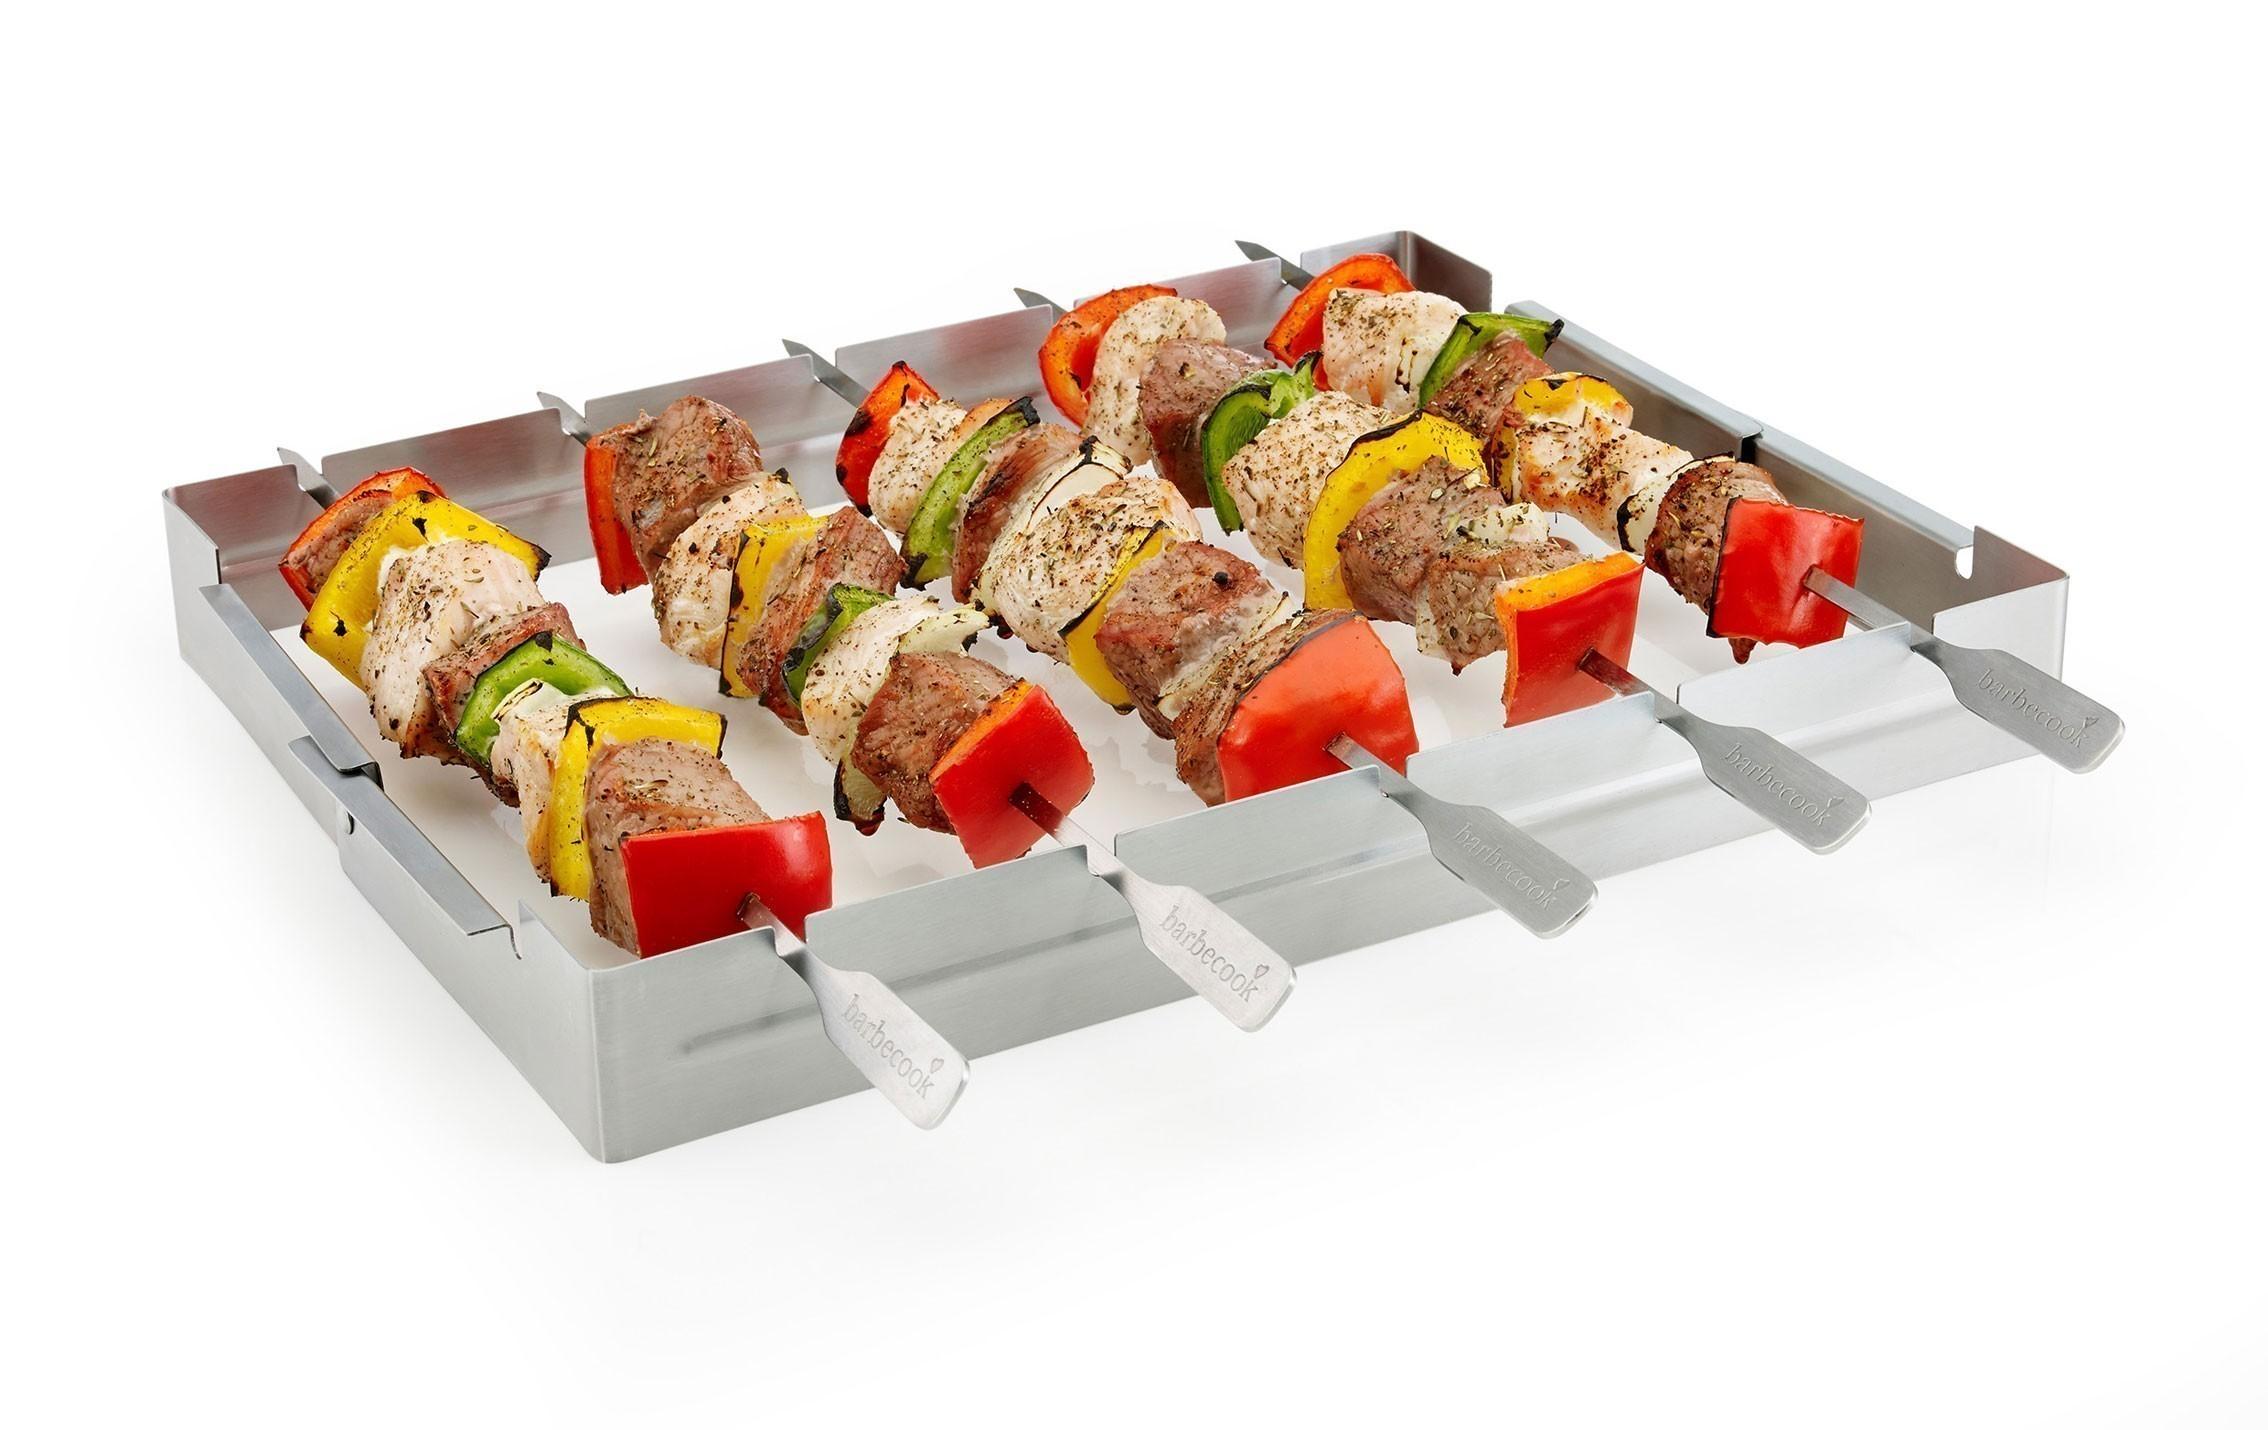 Grillspießhalter mit 5 Grillspießen barbecook Edelstahl Bild 2